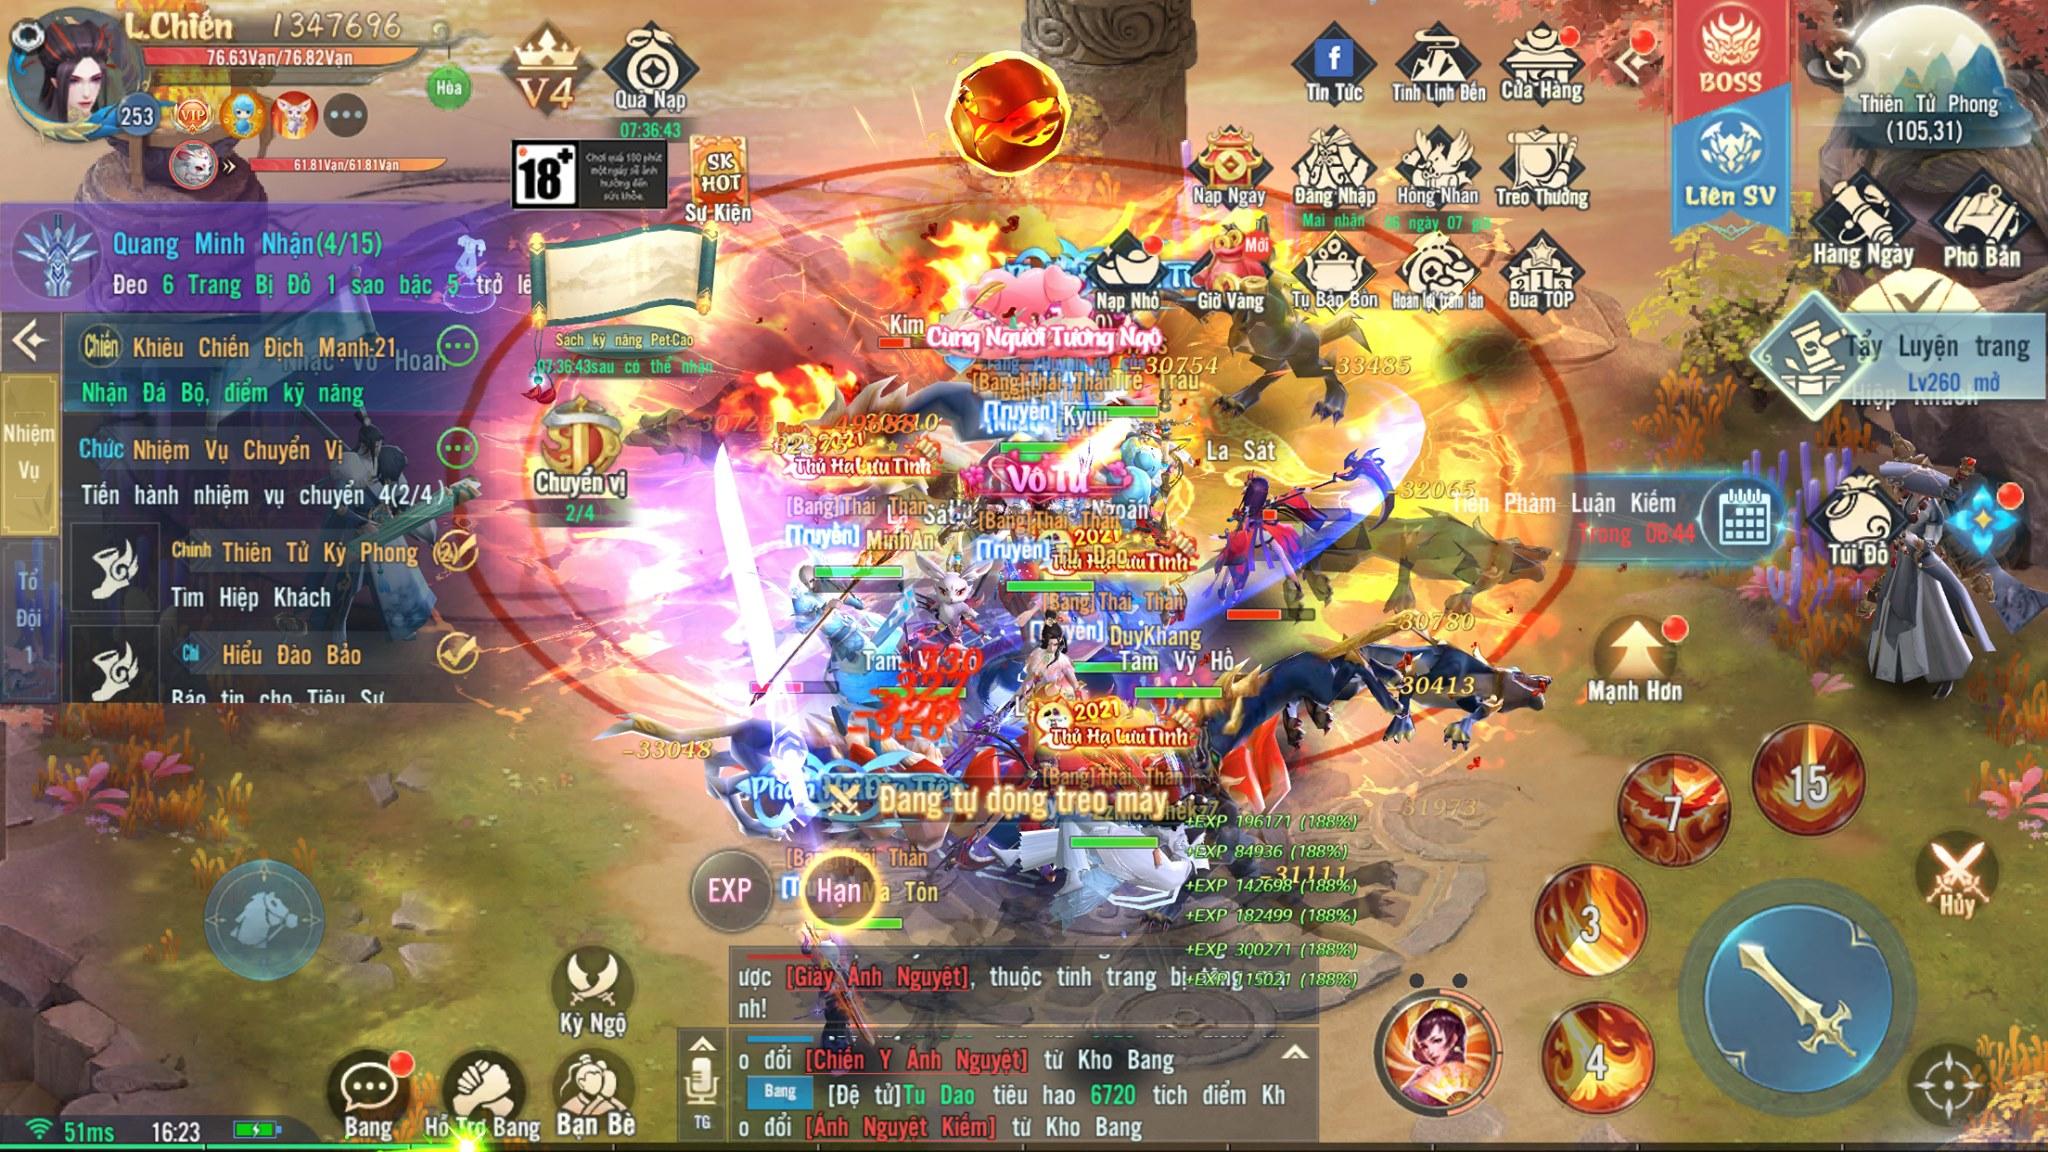 """Nhìn lại ngày ra mắt của Thần Kiếm Mobile: Người đông hơn quái, săn boss mà chậm chân thì """"còn cái nịt""""?! 3"""